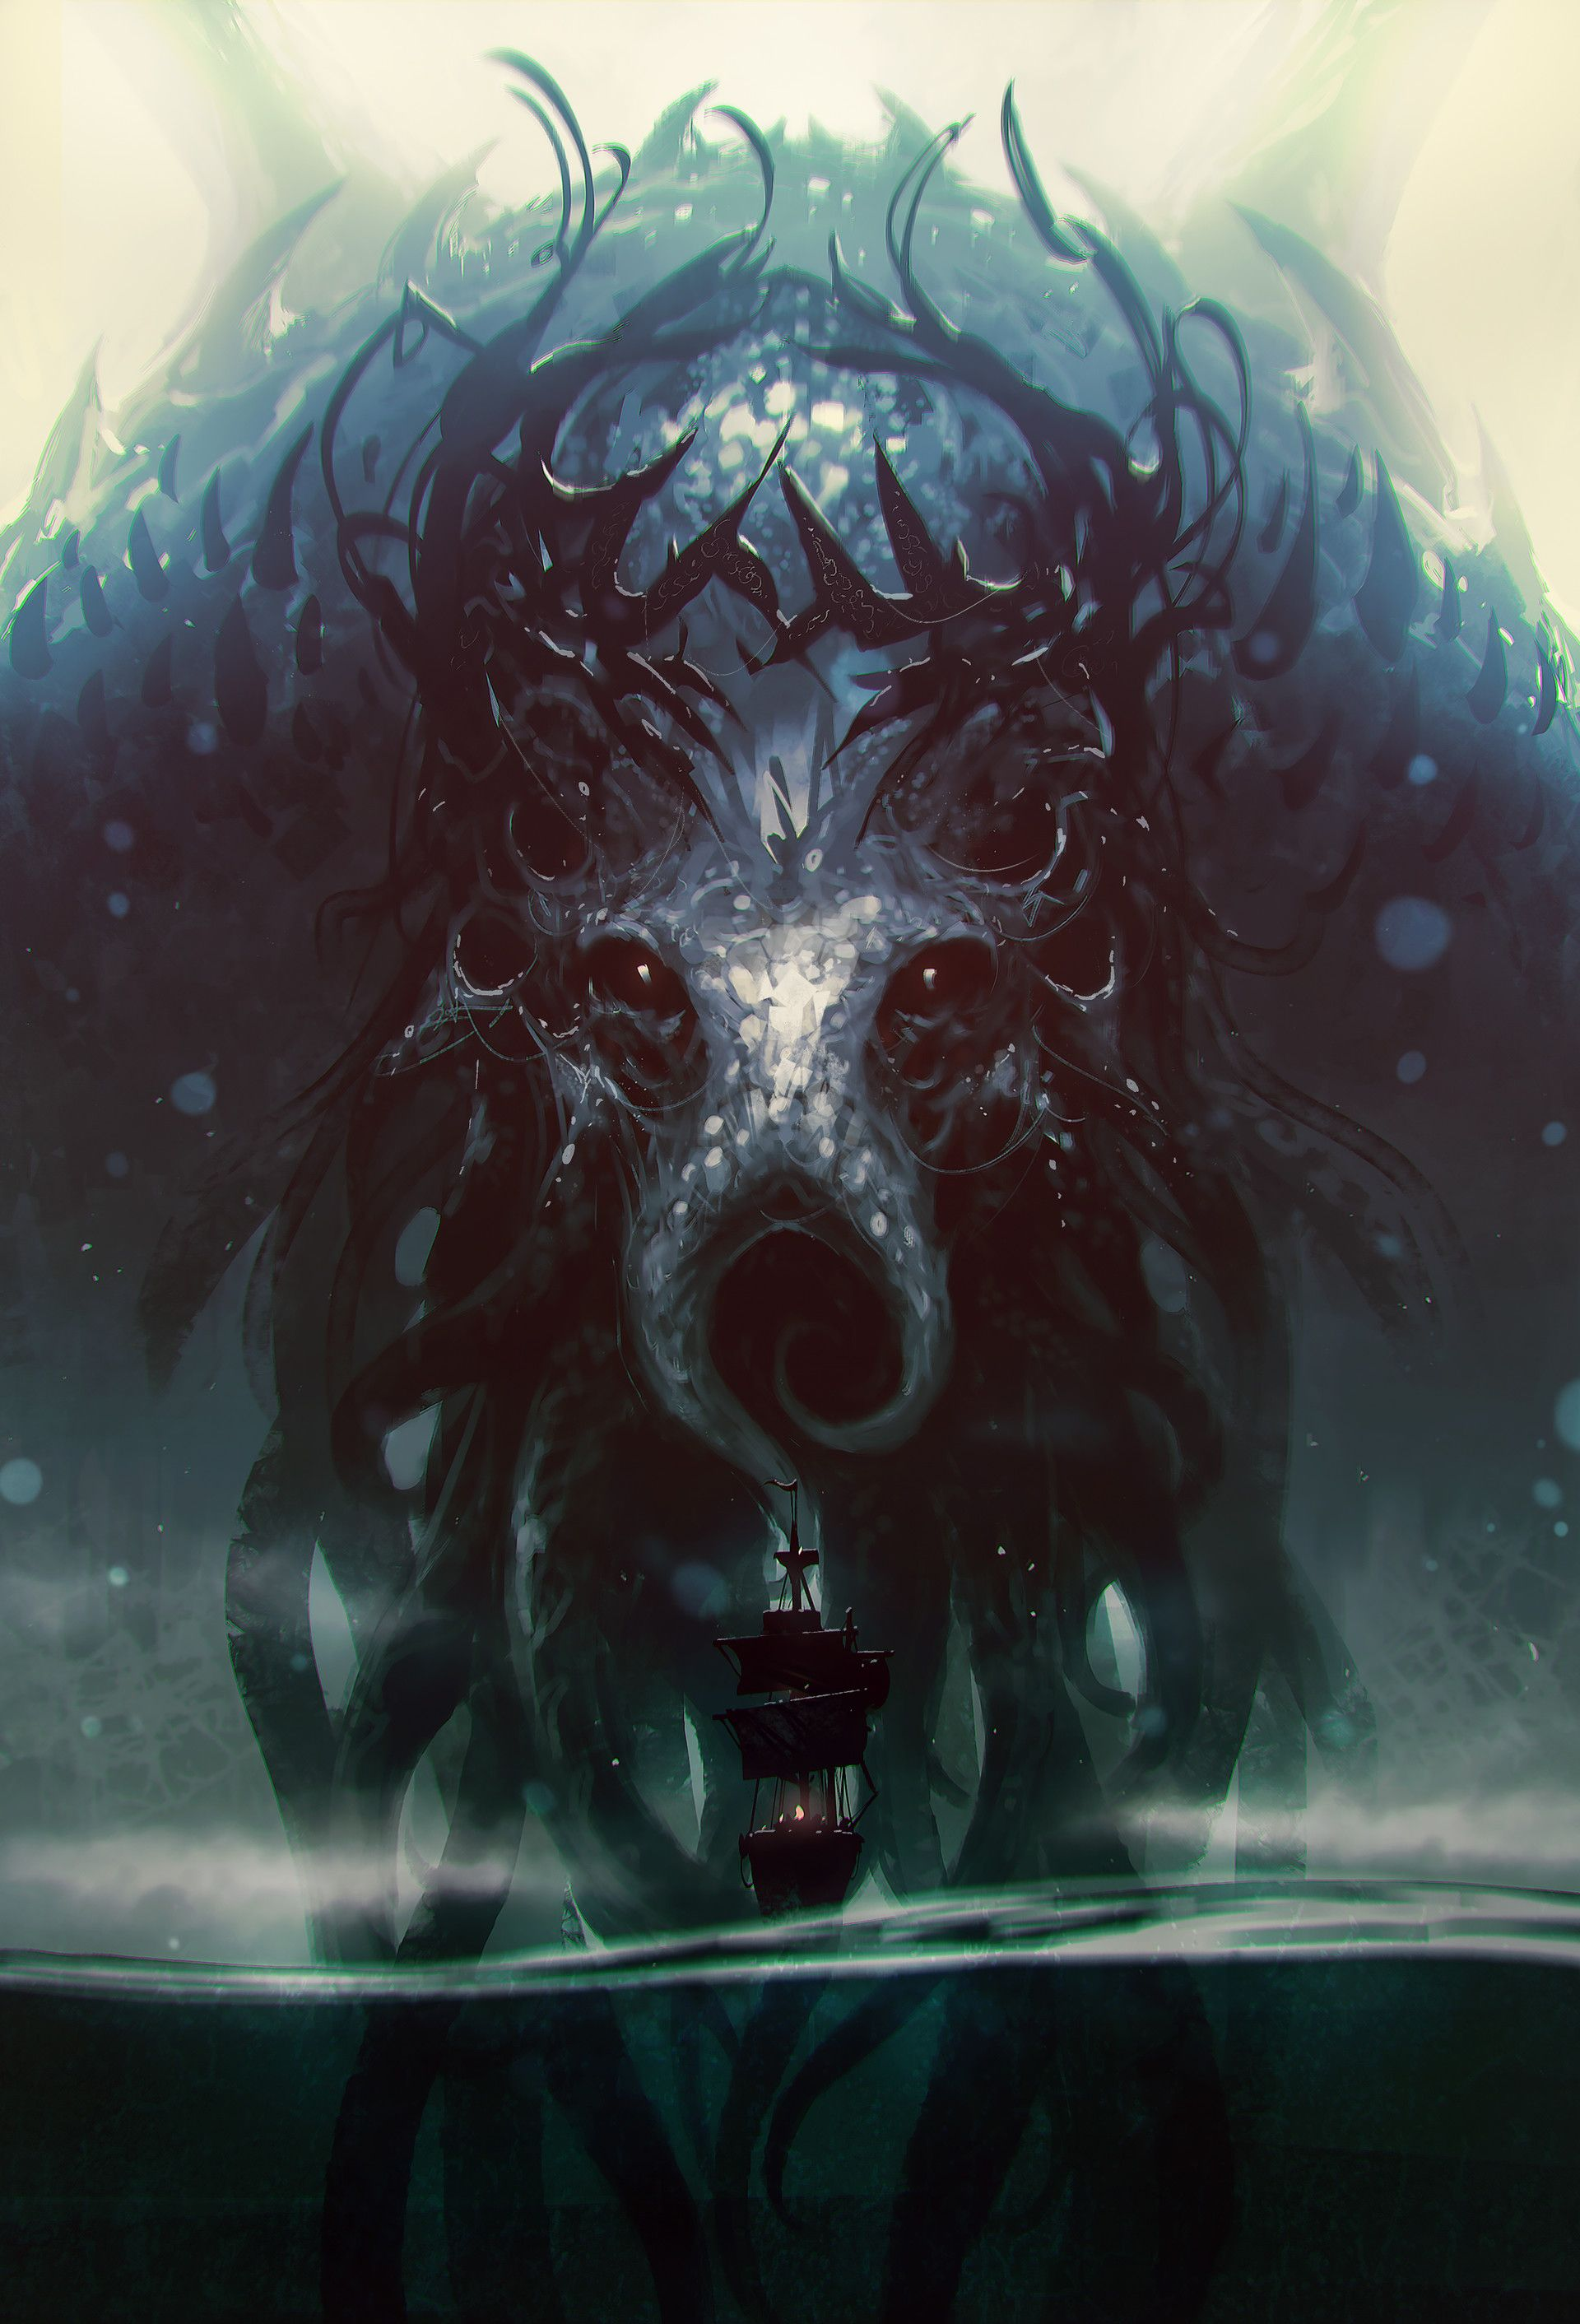 Https Www Artstation Com Artwork 05oqe Lovecraftian Horror Cosmic Horror Fantasy Artwork